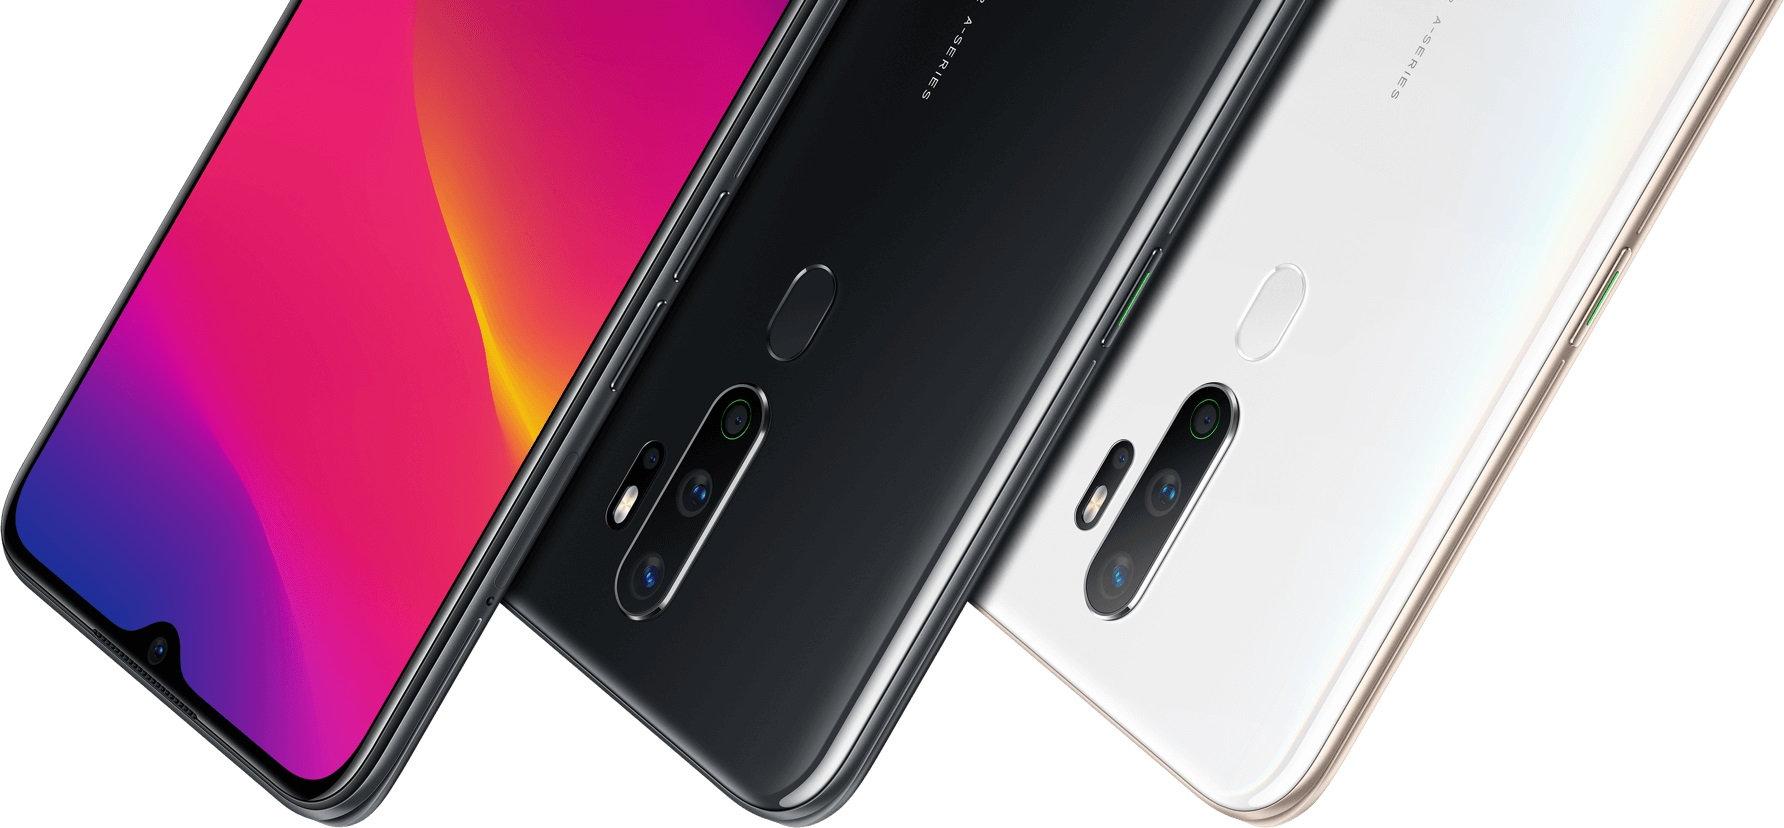 [Top Gadget] Inilah Smartphone Terbaik OPPO di 2019 untuk Dibeli 17 oppo, oppo a5 2020, OPPO K3, oppo reno 10x zoom 12gb, OPPO Reno2